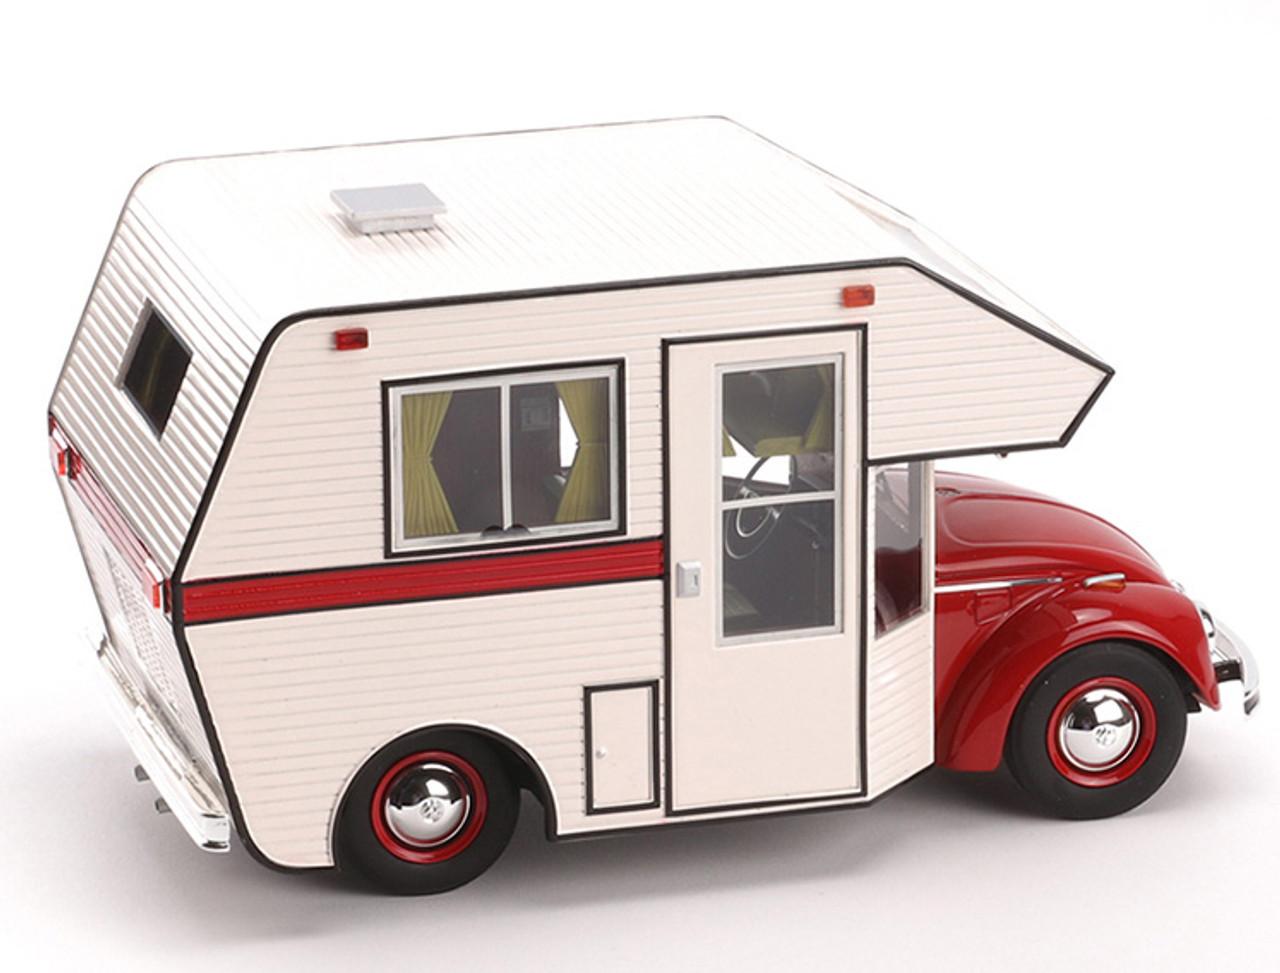 1/18 Schuco Volkswagen VW Kaefer Beetle RV Camper (Red) Diecast Car Model